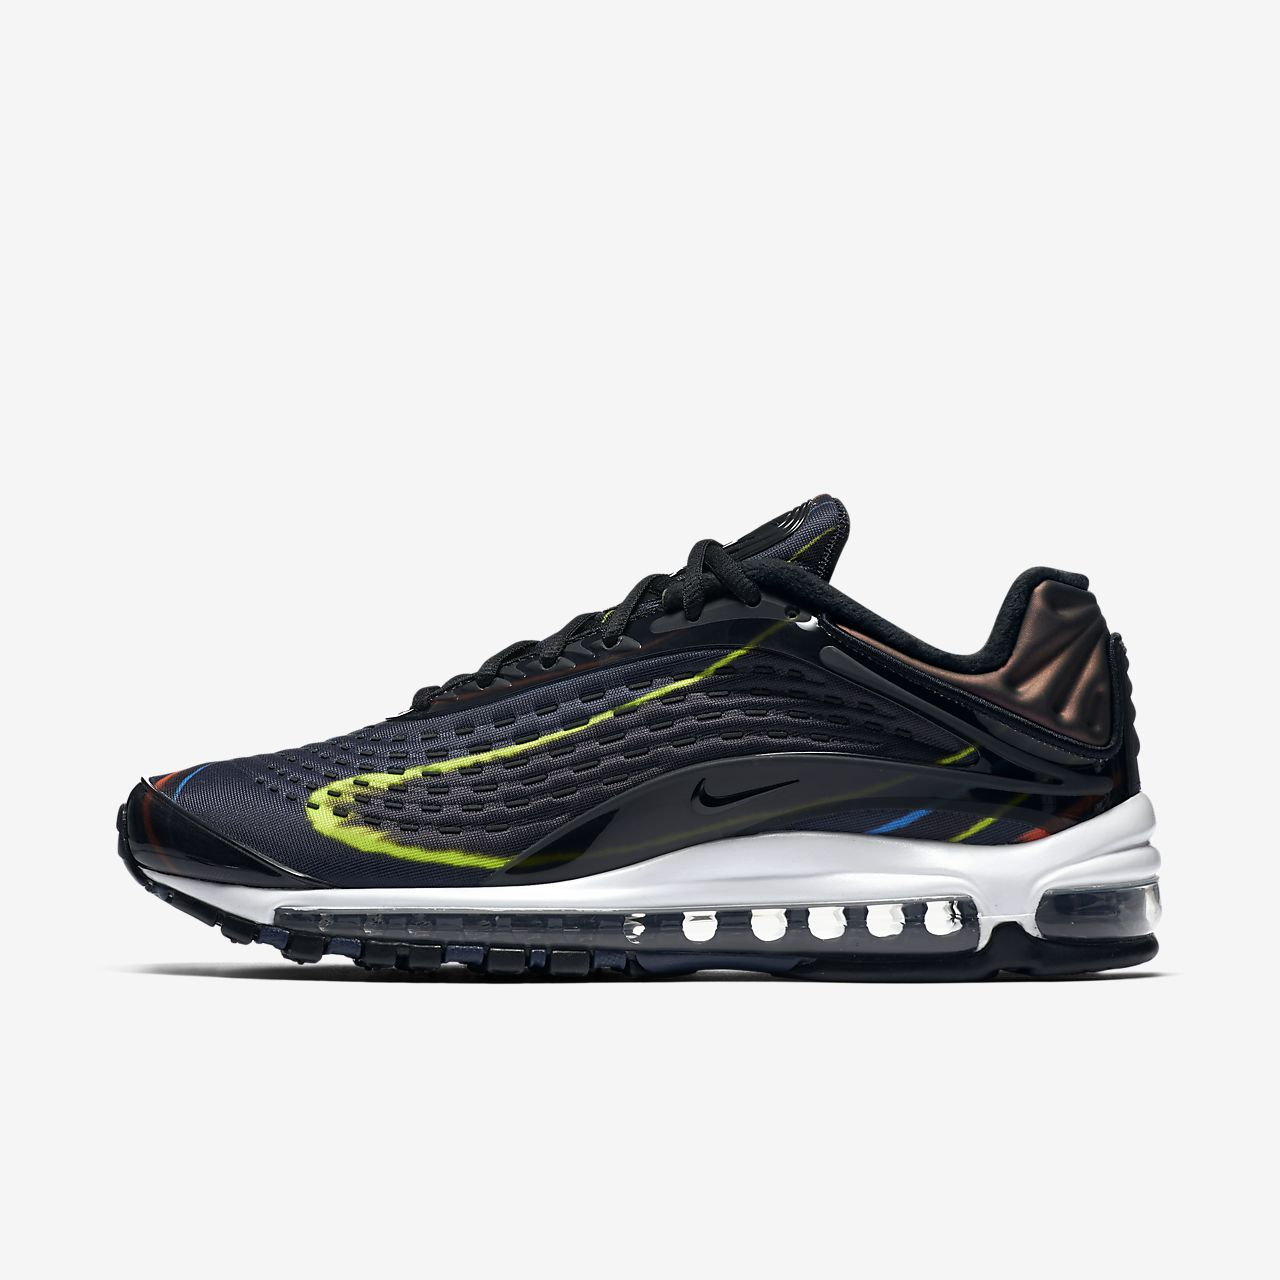 รองเท้าผู้ชาย Nike Air Max Deluxe